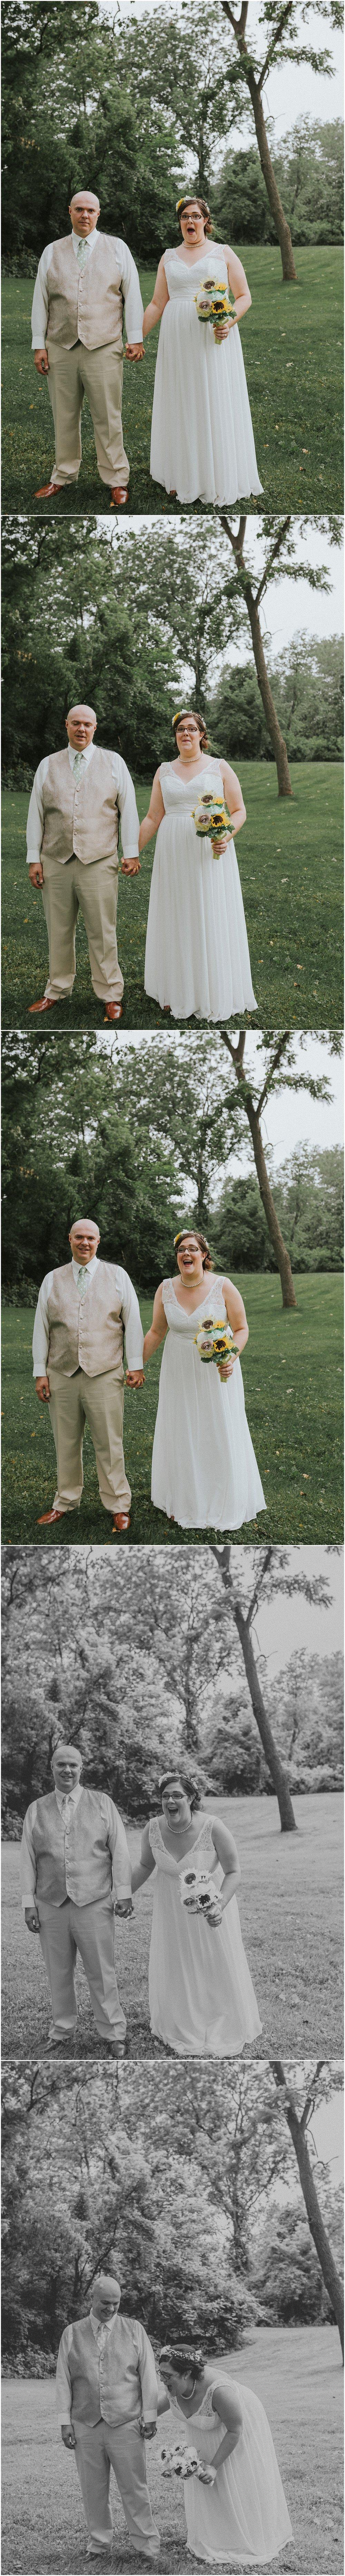 Reading-Pennsylvania-Outdoor-Wedding-DIY-Bride-Groom-Dancing-Laughter-Reception (44).jpg